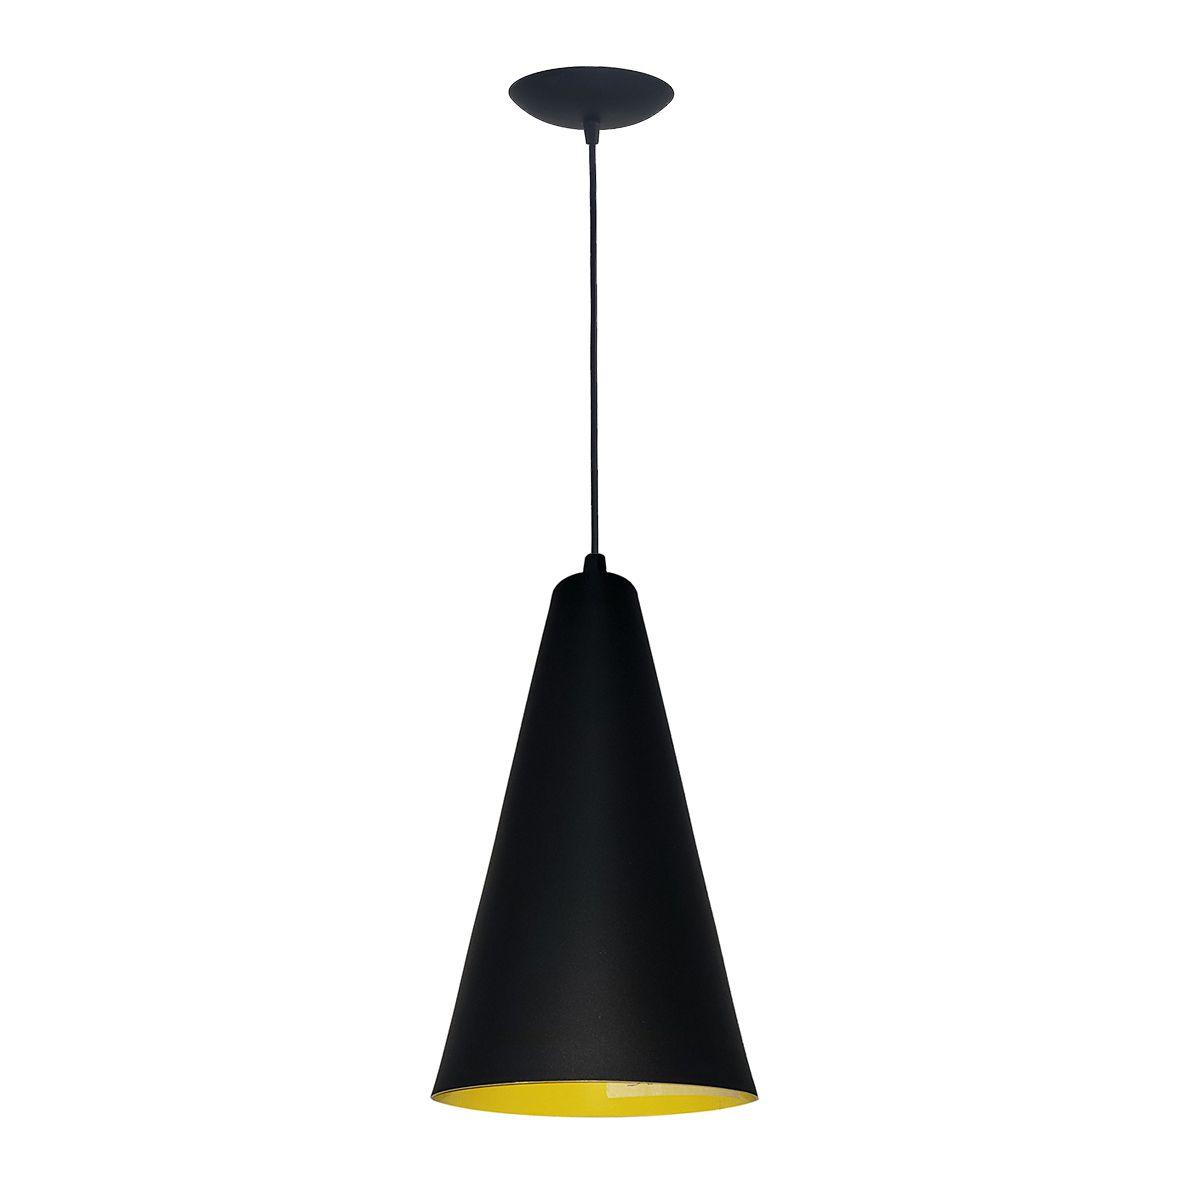 Luminária Decorativa Cônico Mini Preto/Amarelo com Pendente